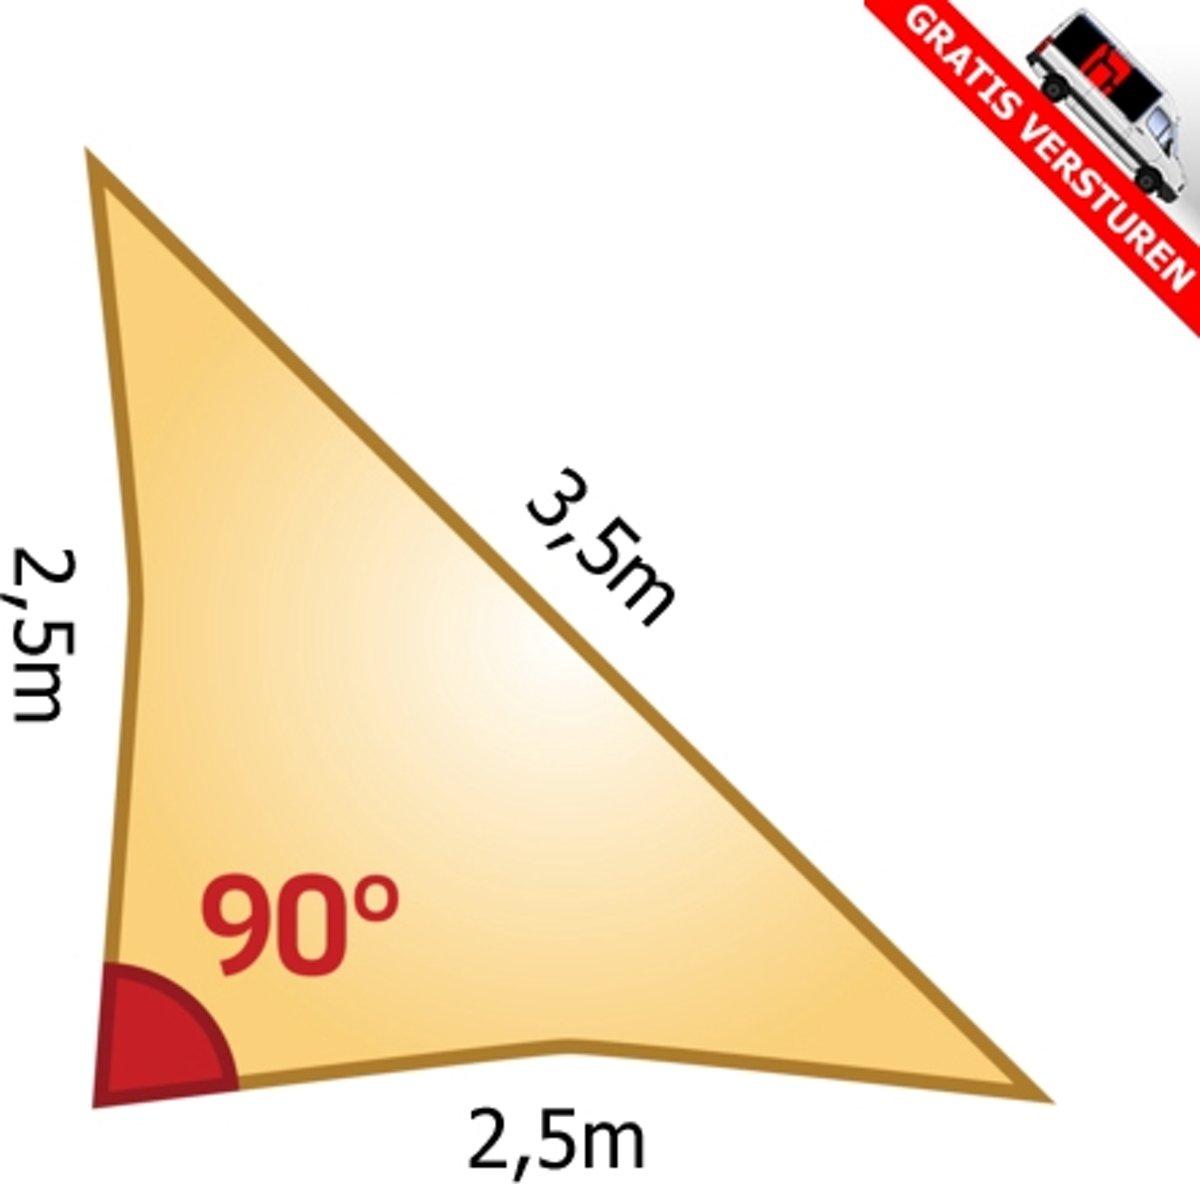 Schaduwdoek 2 5x2 5.Bol Com Zonnedoek 90 Driehoek 2 5x2 5x3 5m Terra